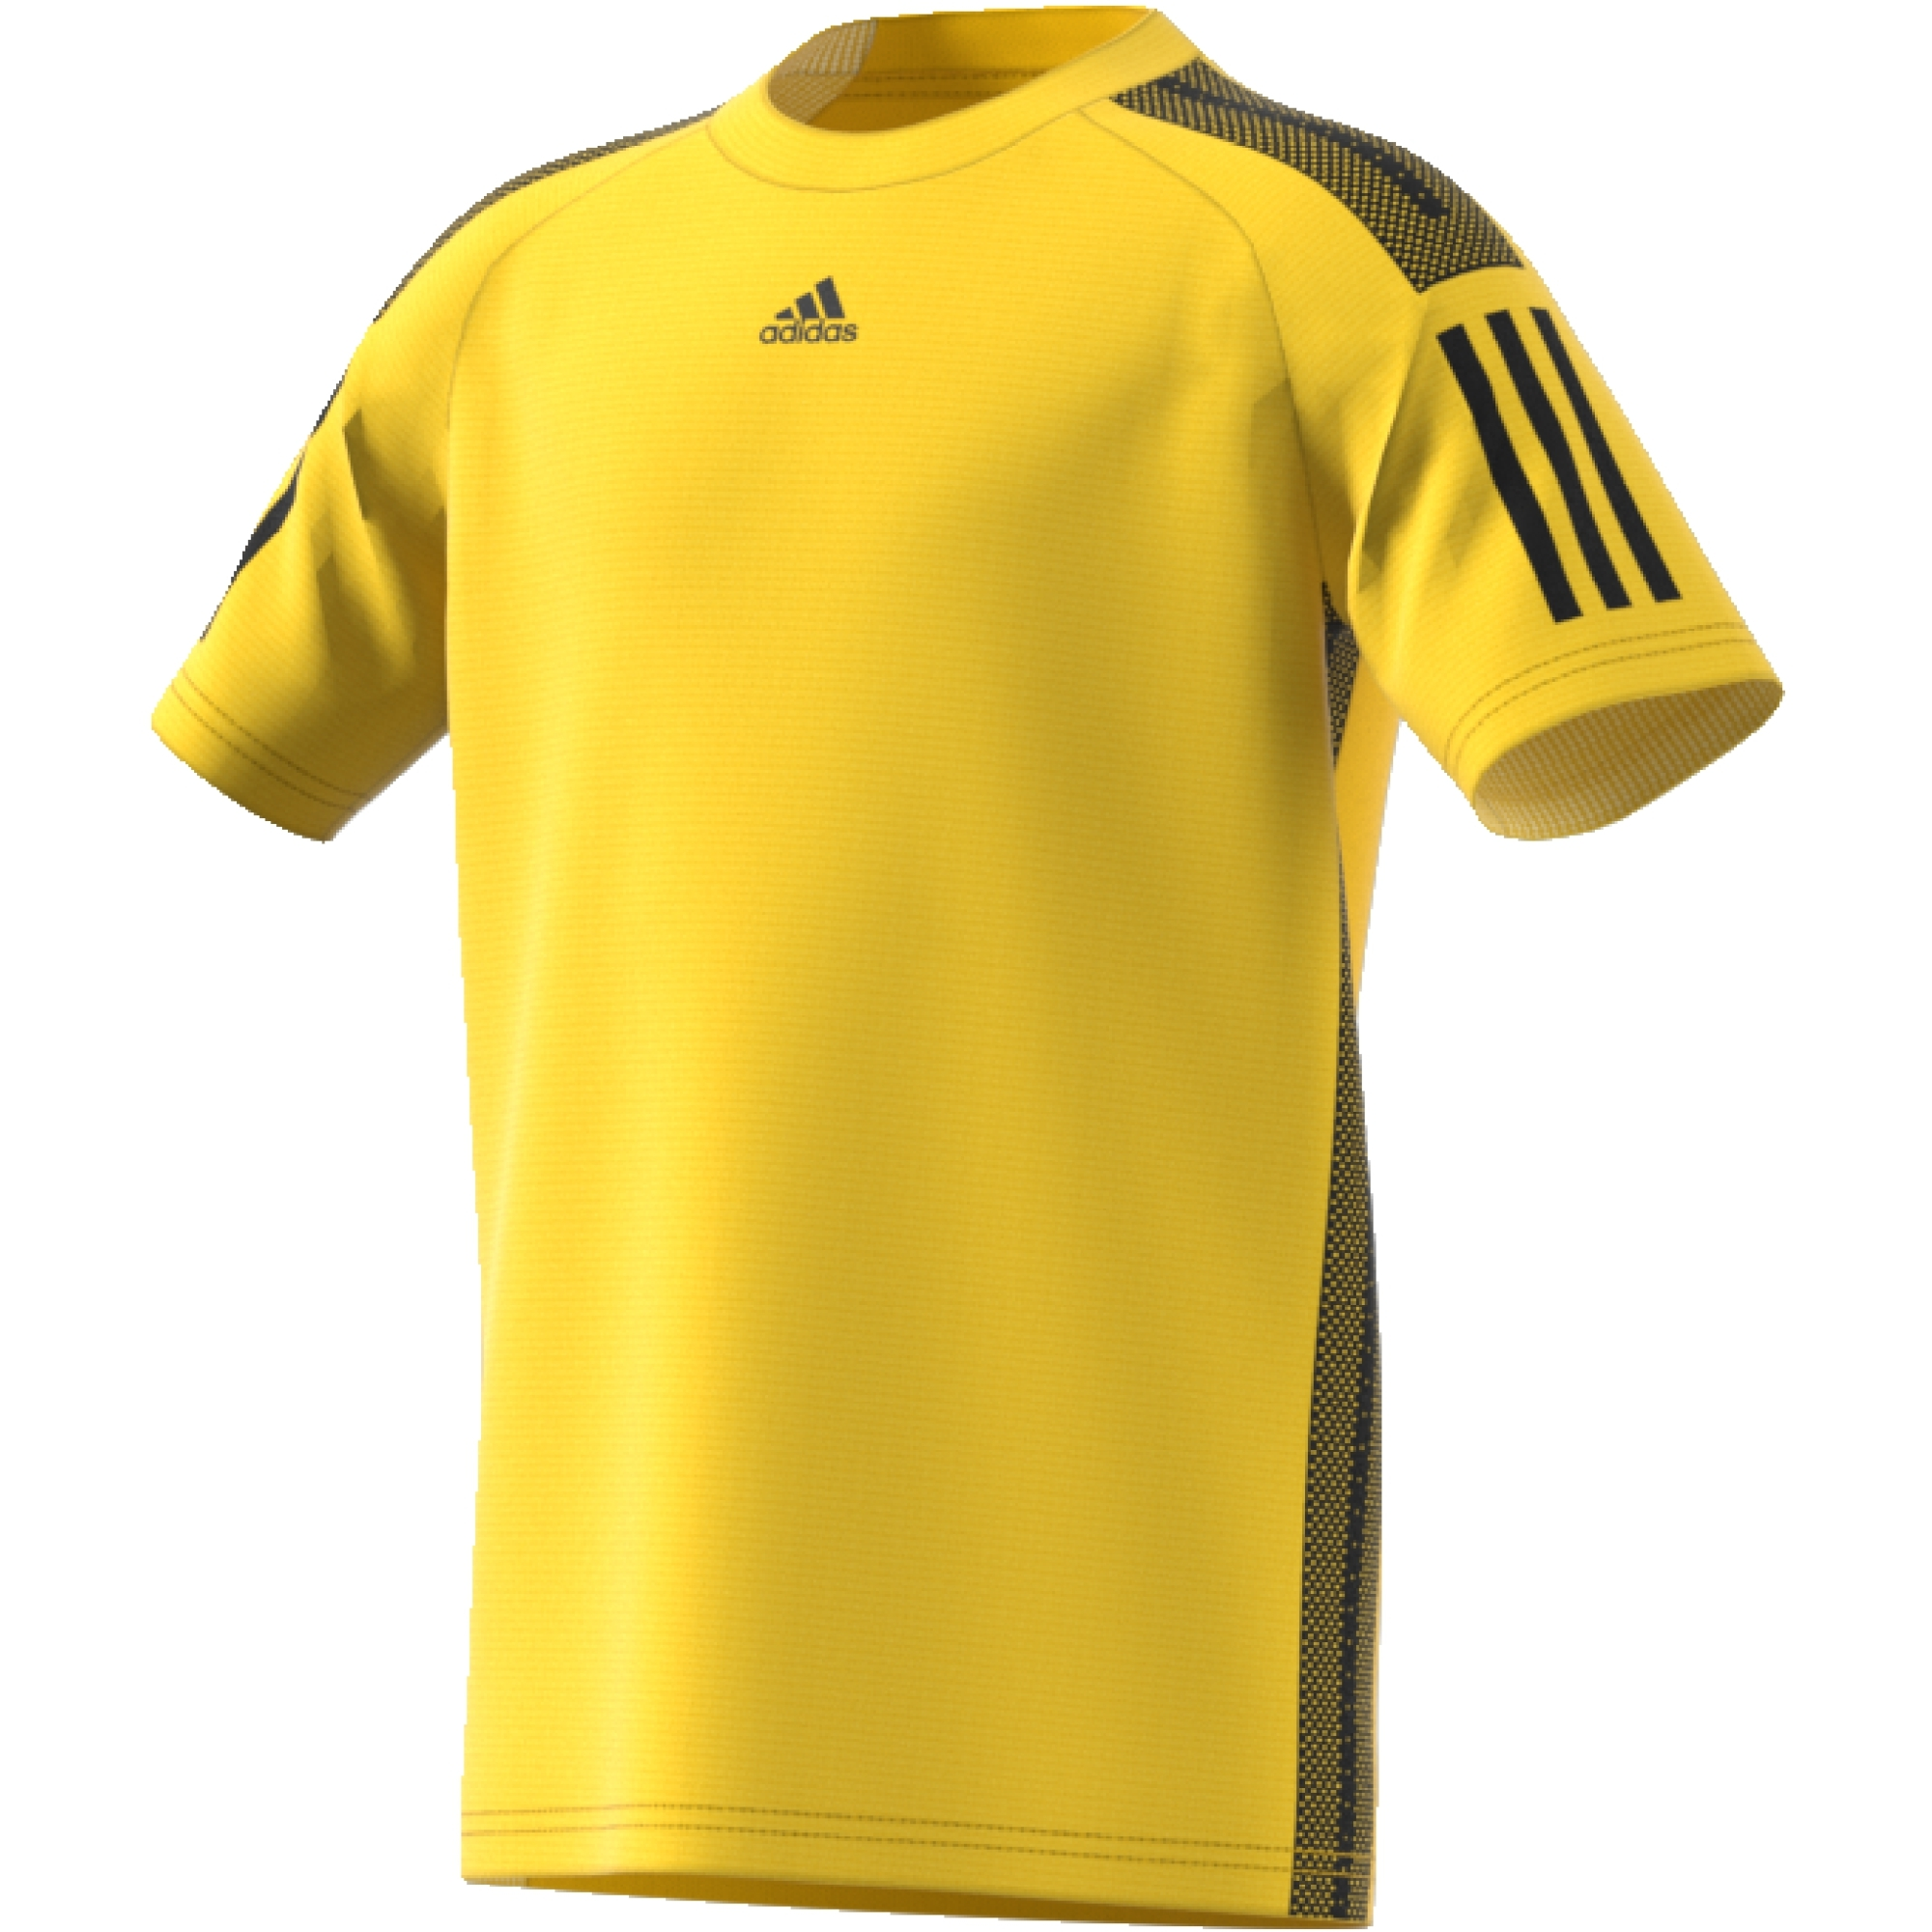 black and yellow adidas shirt